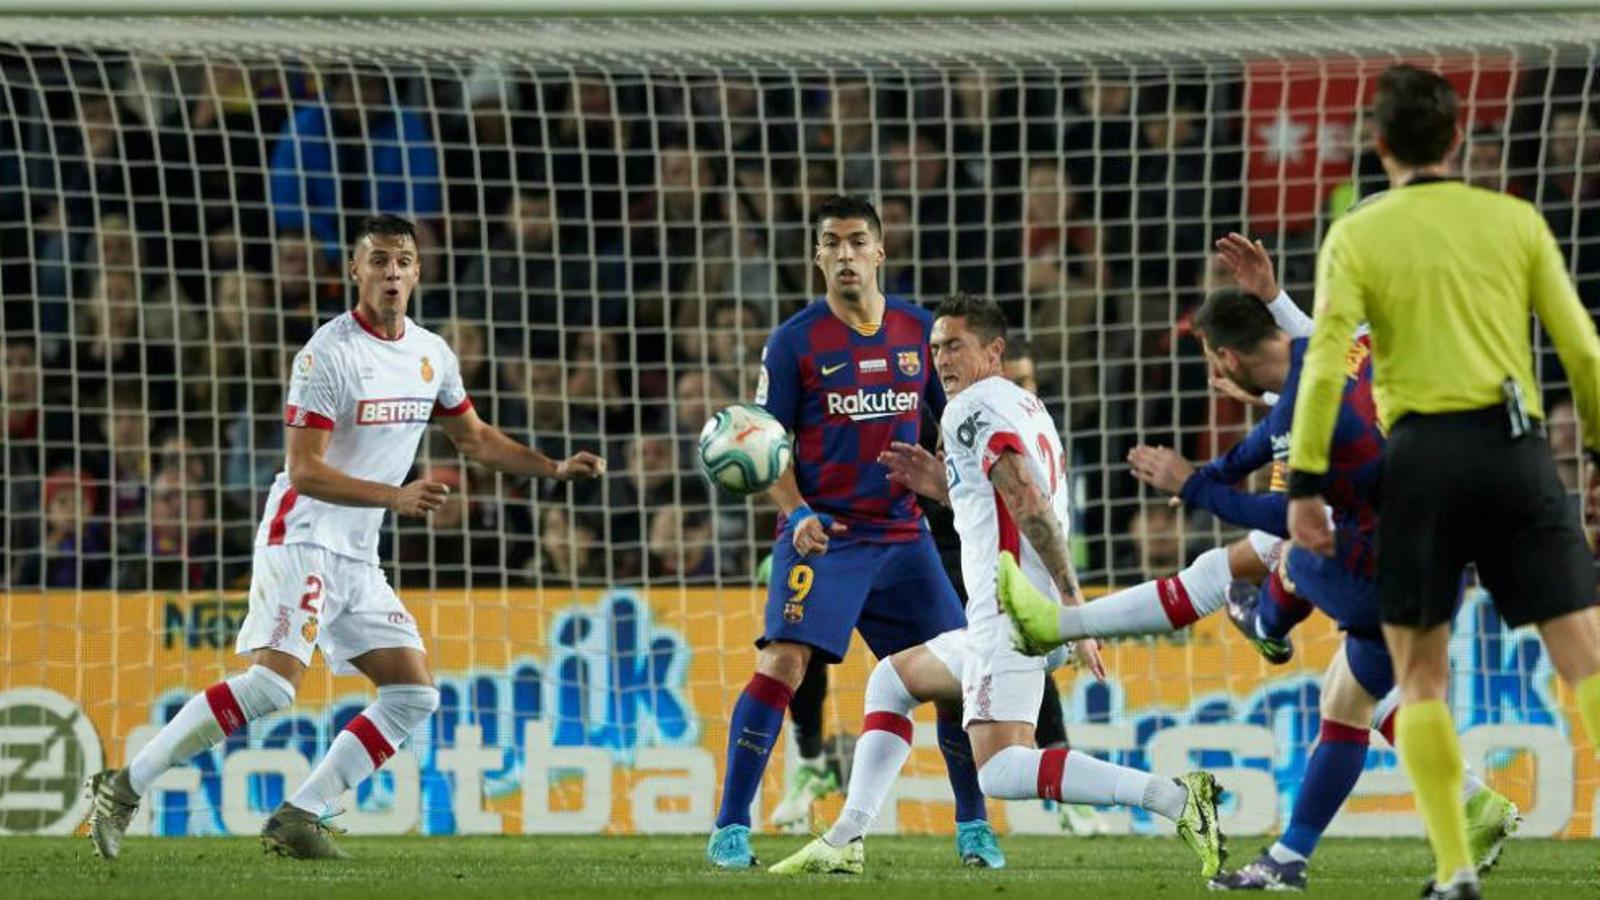 Imatge del partit al Camp Nou